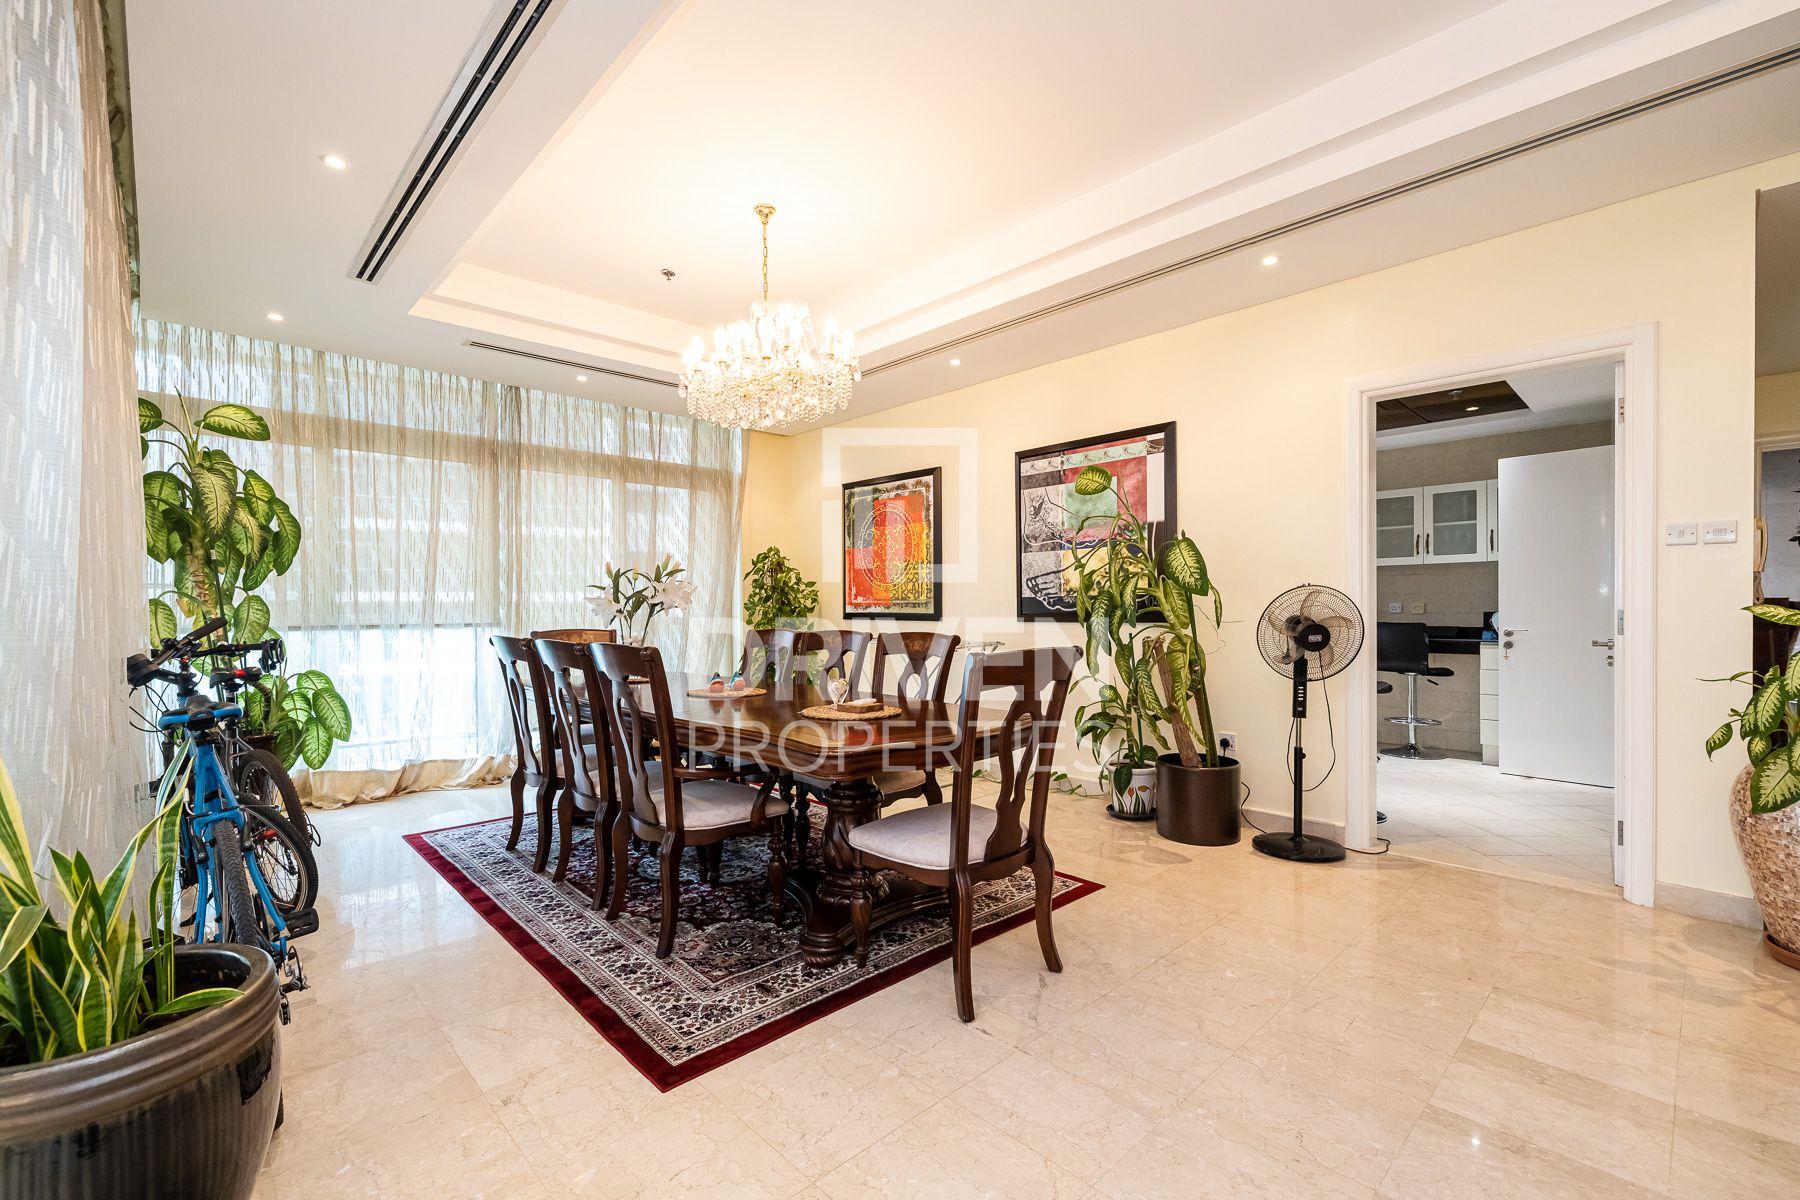 3,442 قدم مربع  شقة - للبيع - دبي مارينا